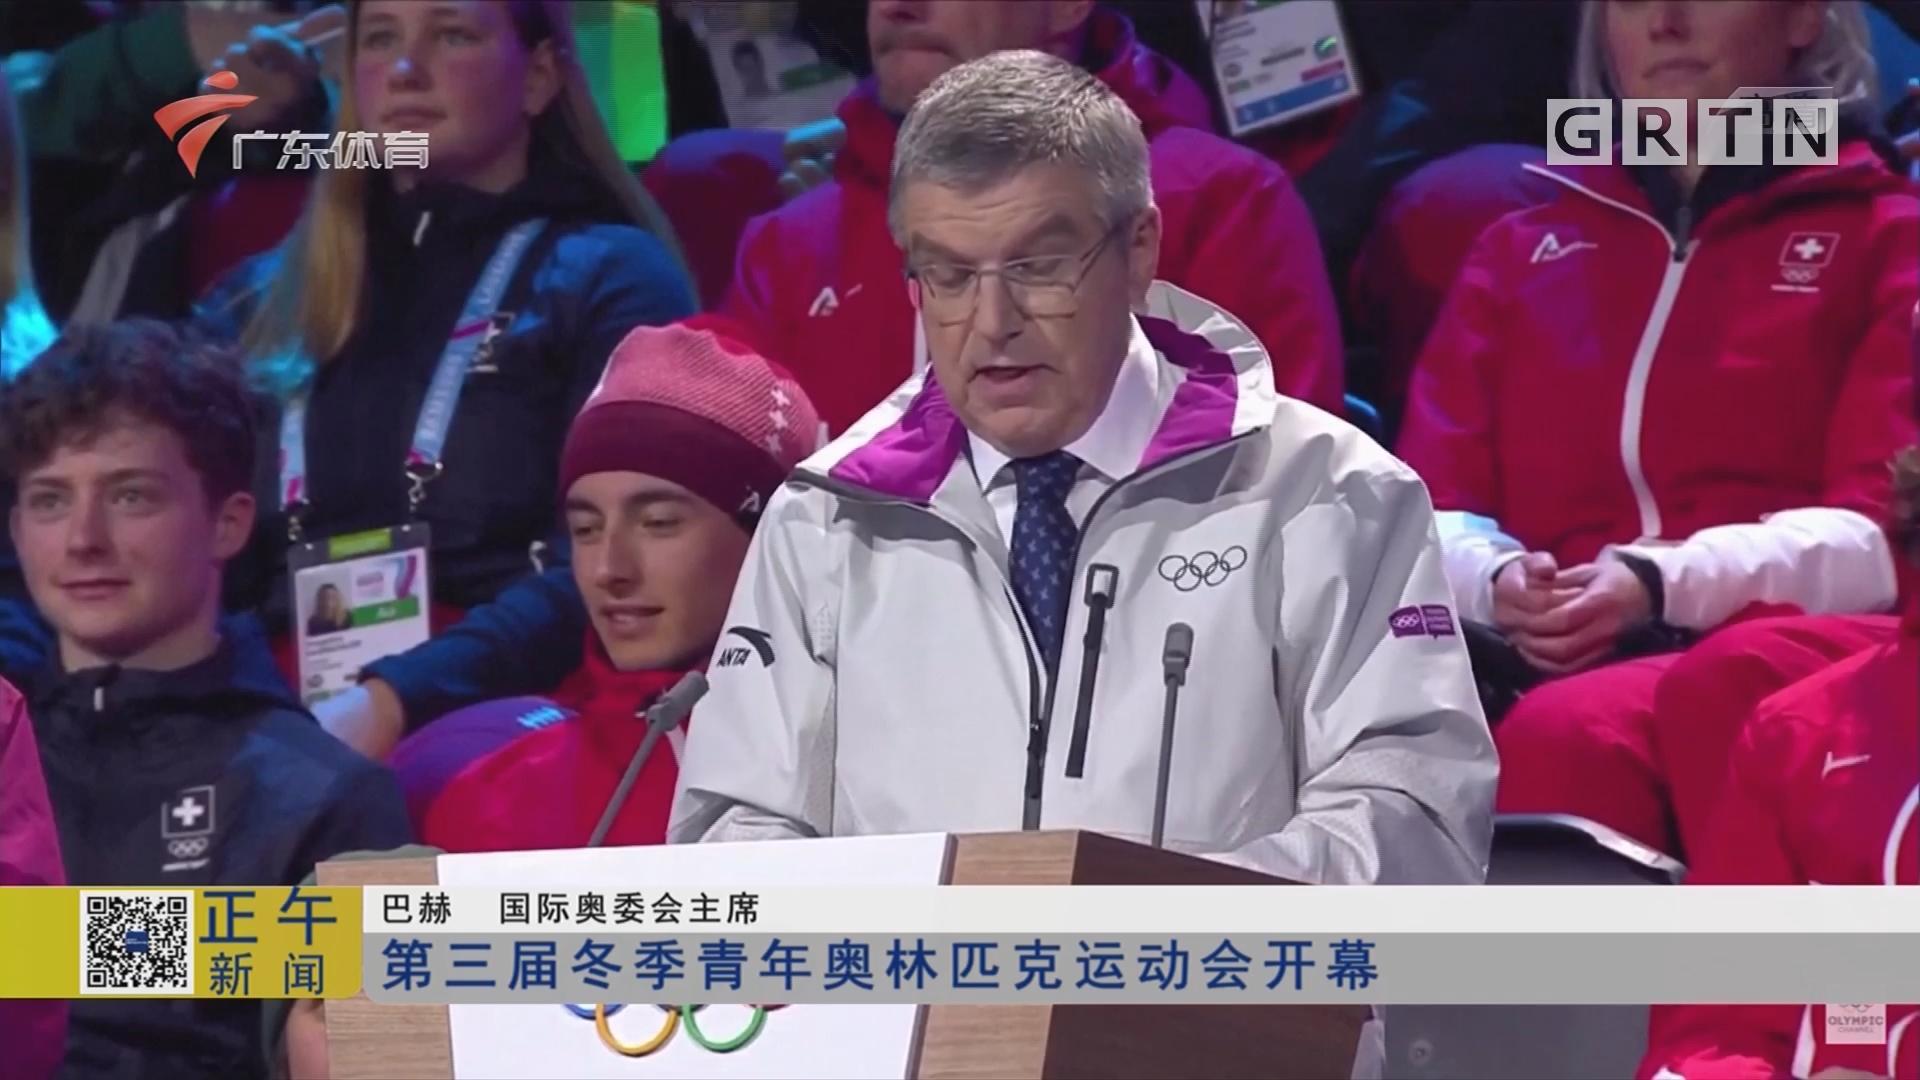 第三届冬青奥林匹克运动会开幕